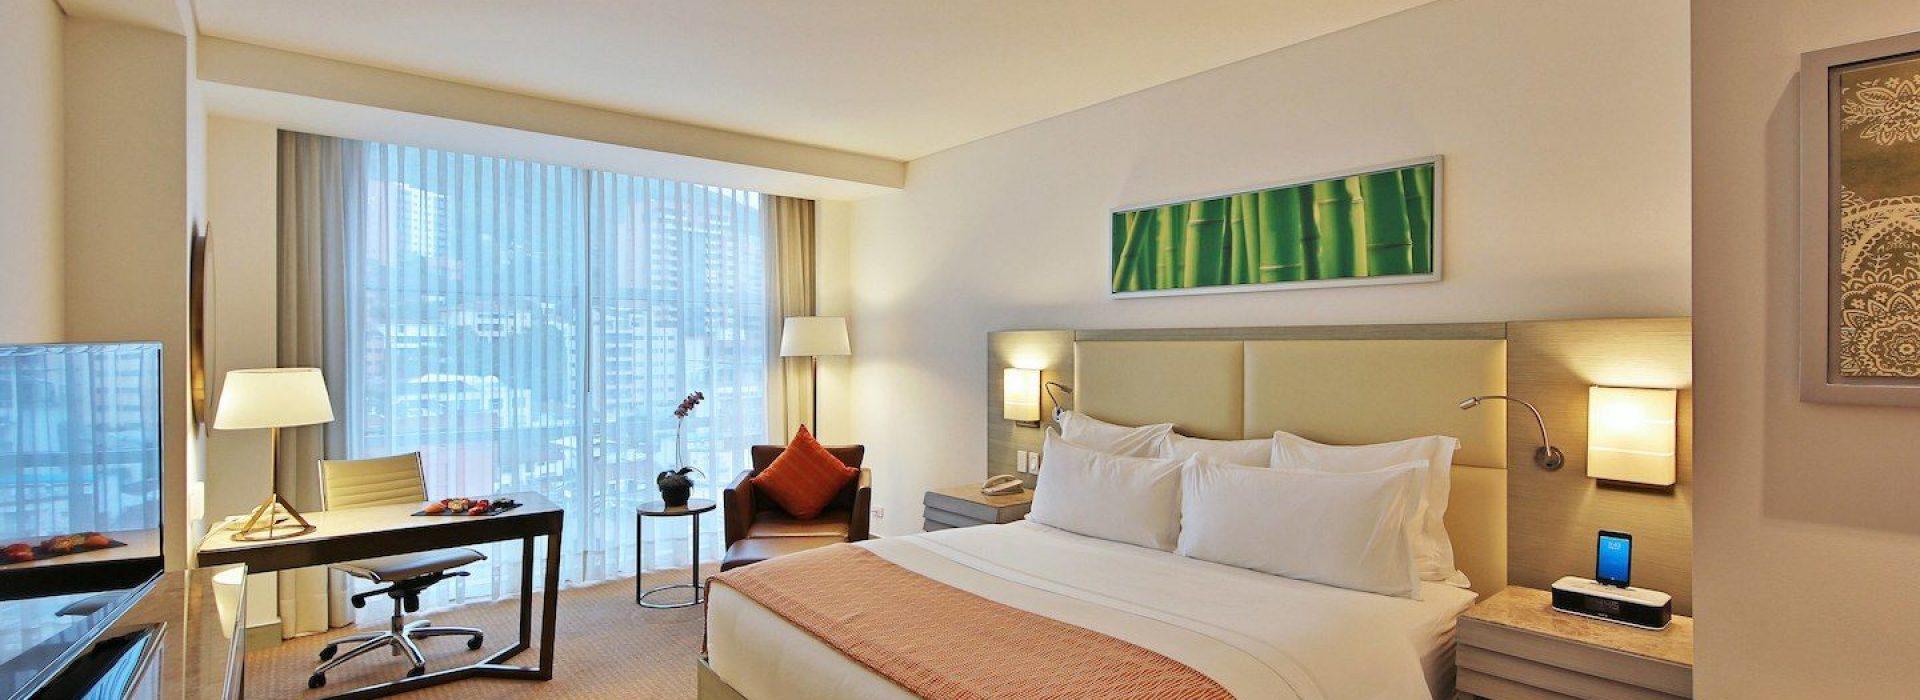 clomc-guestroom-0048-hor-wide